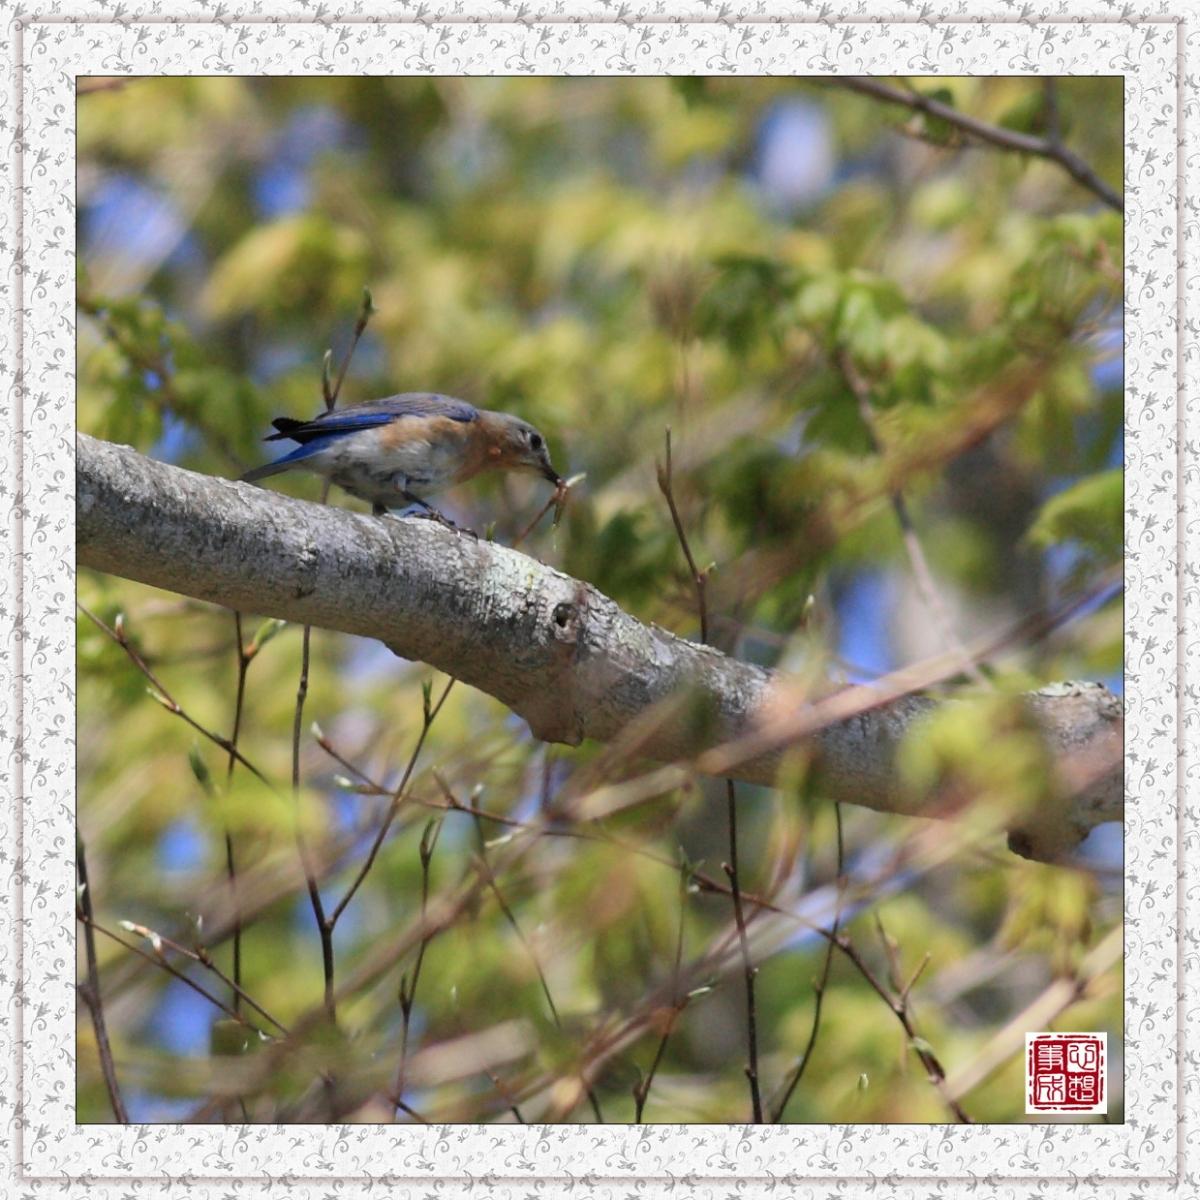 【心想事成】红衣教主鸟_图1-14